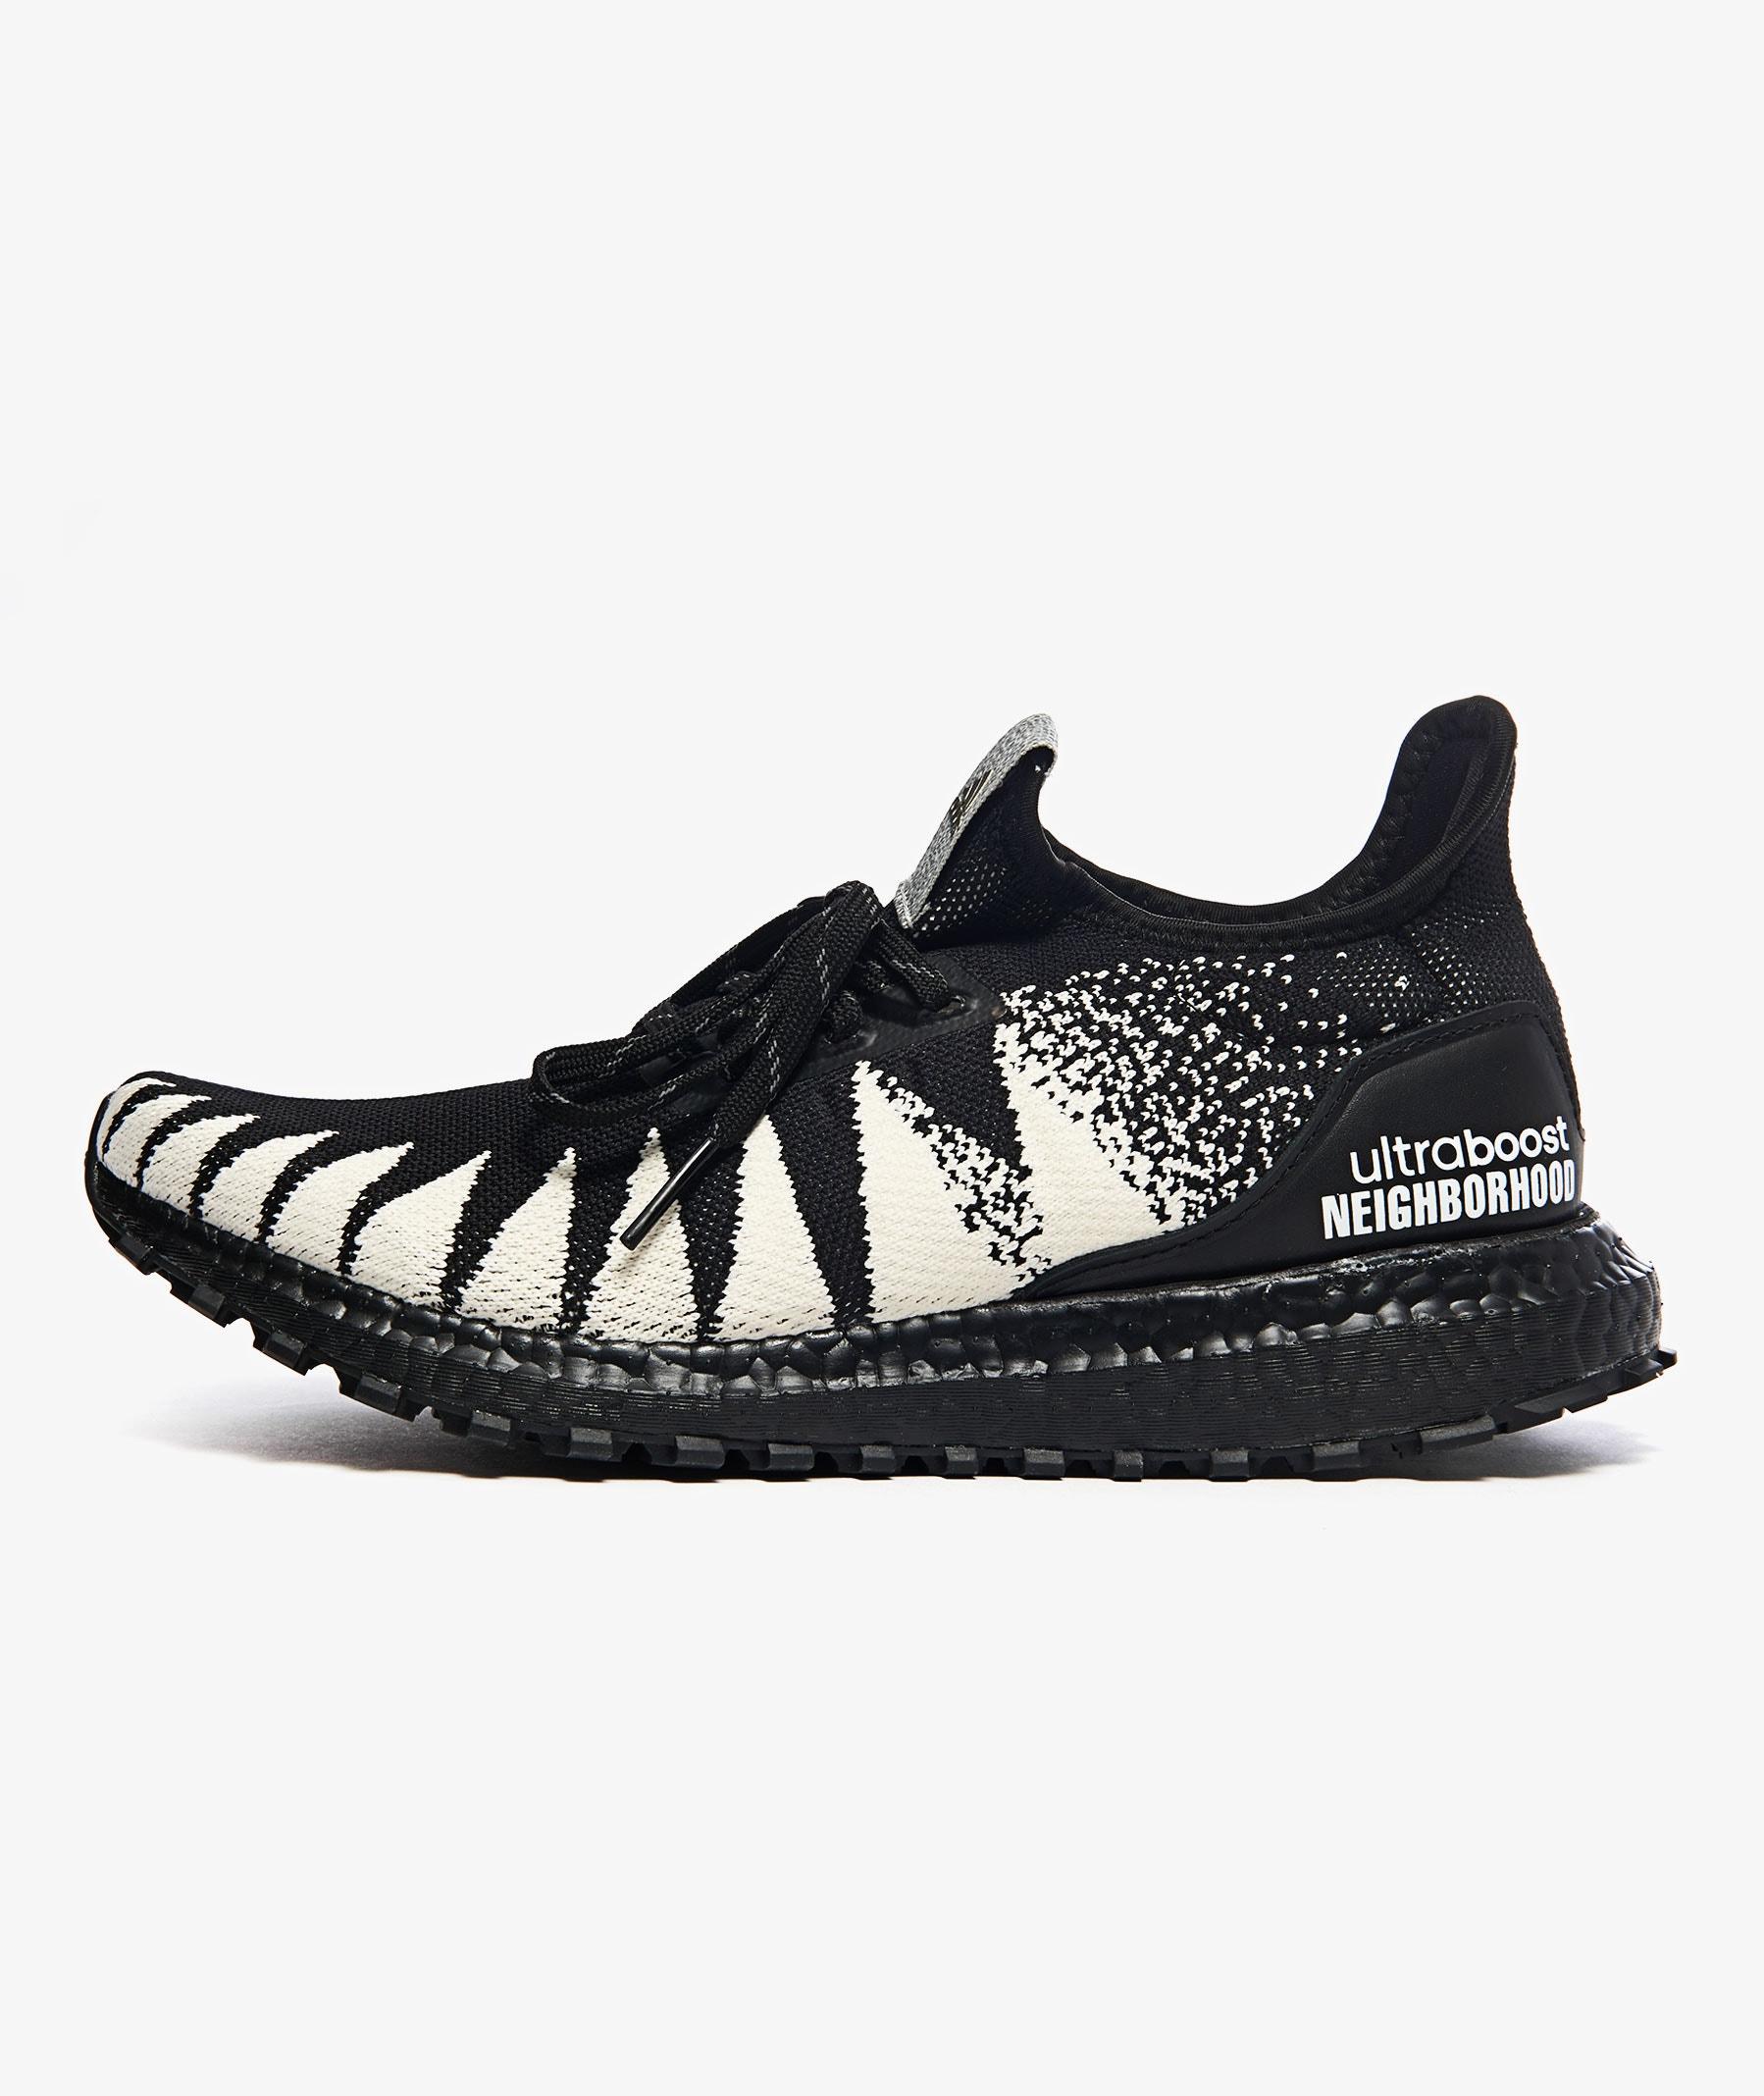 adidas consortium Ultraboost All Terrain x Neighborhood FU7313 Noir